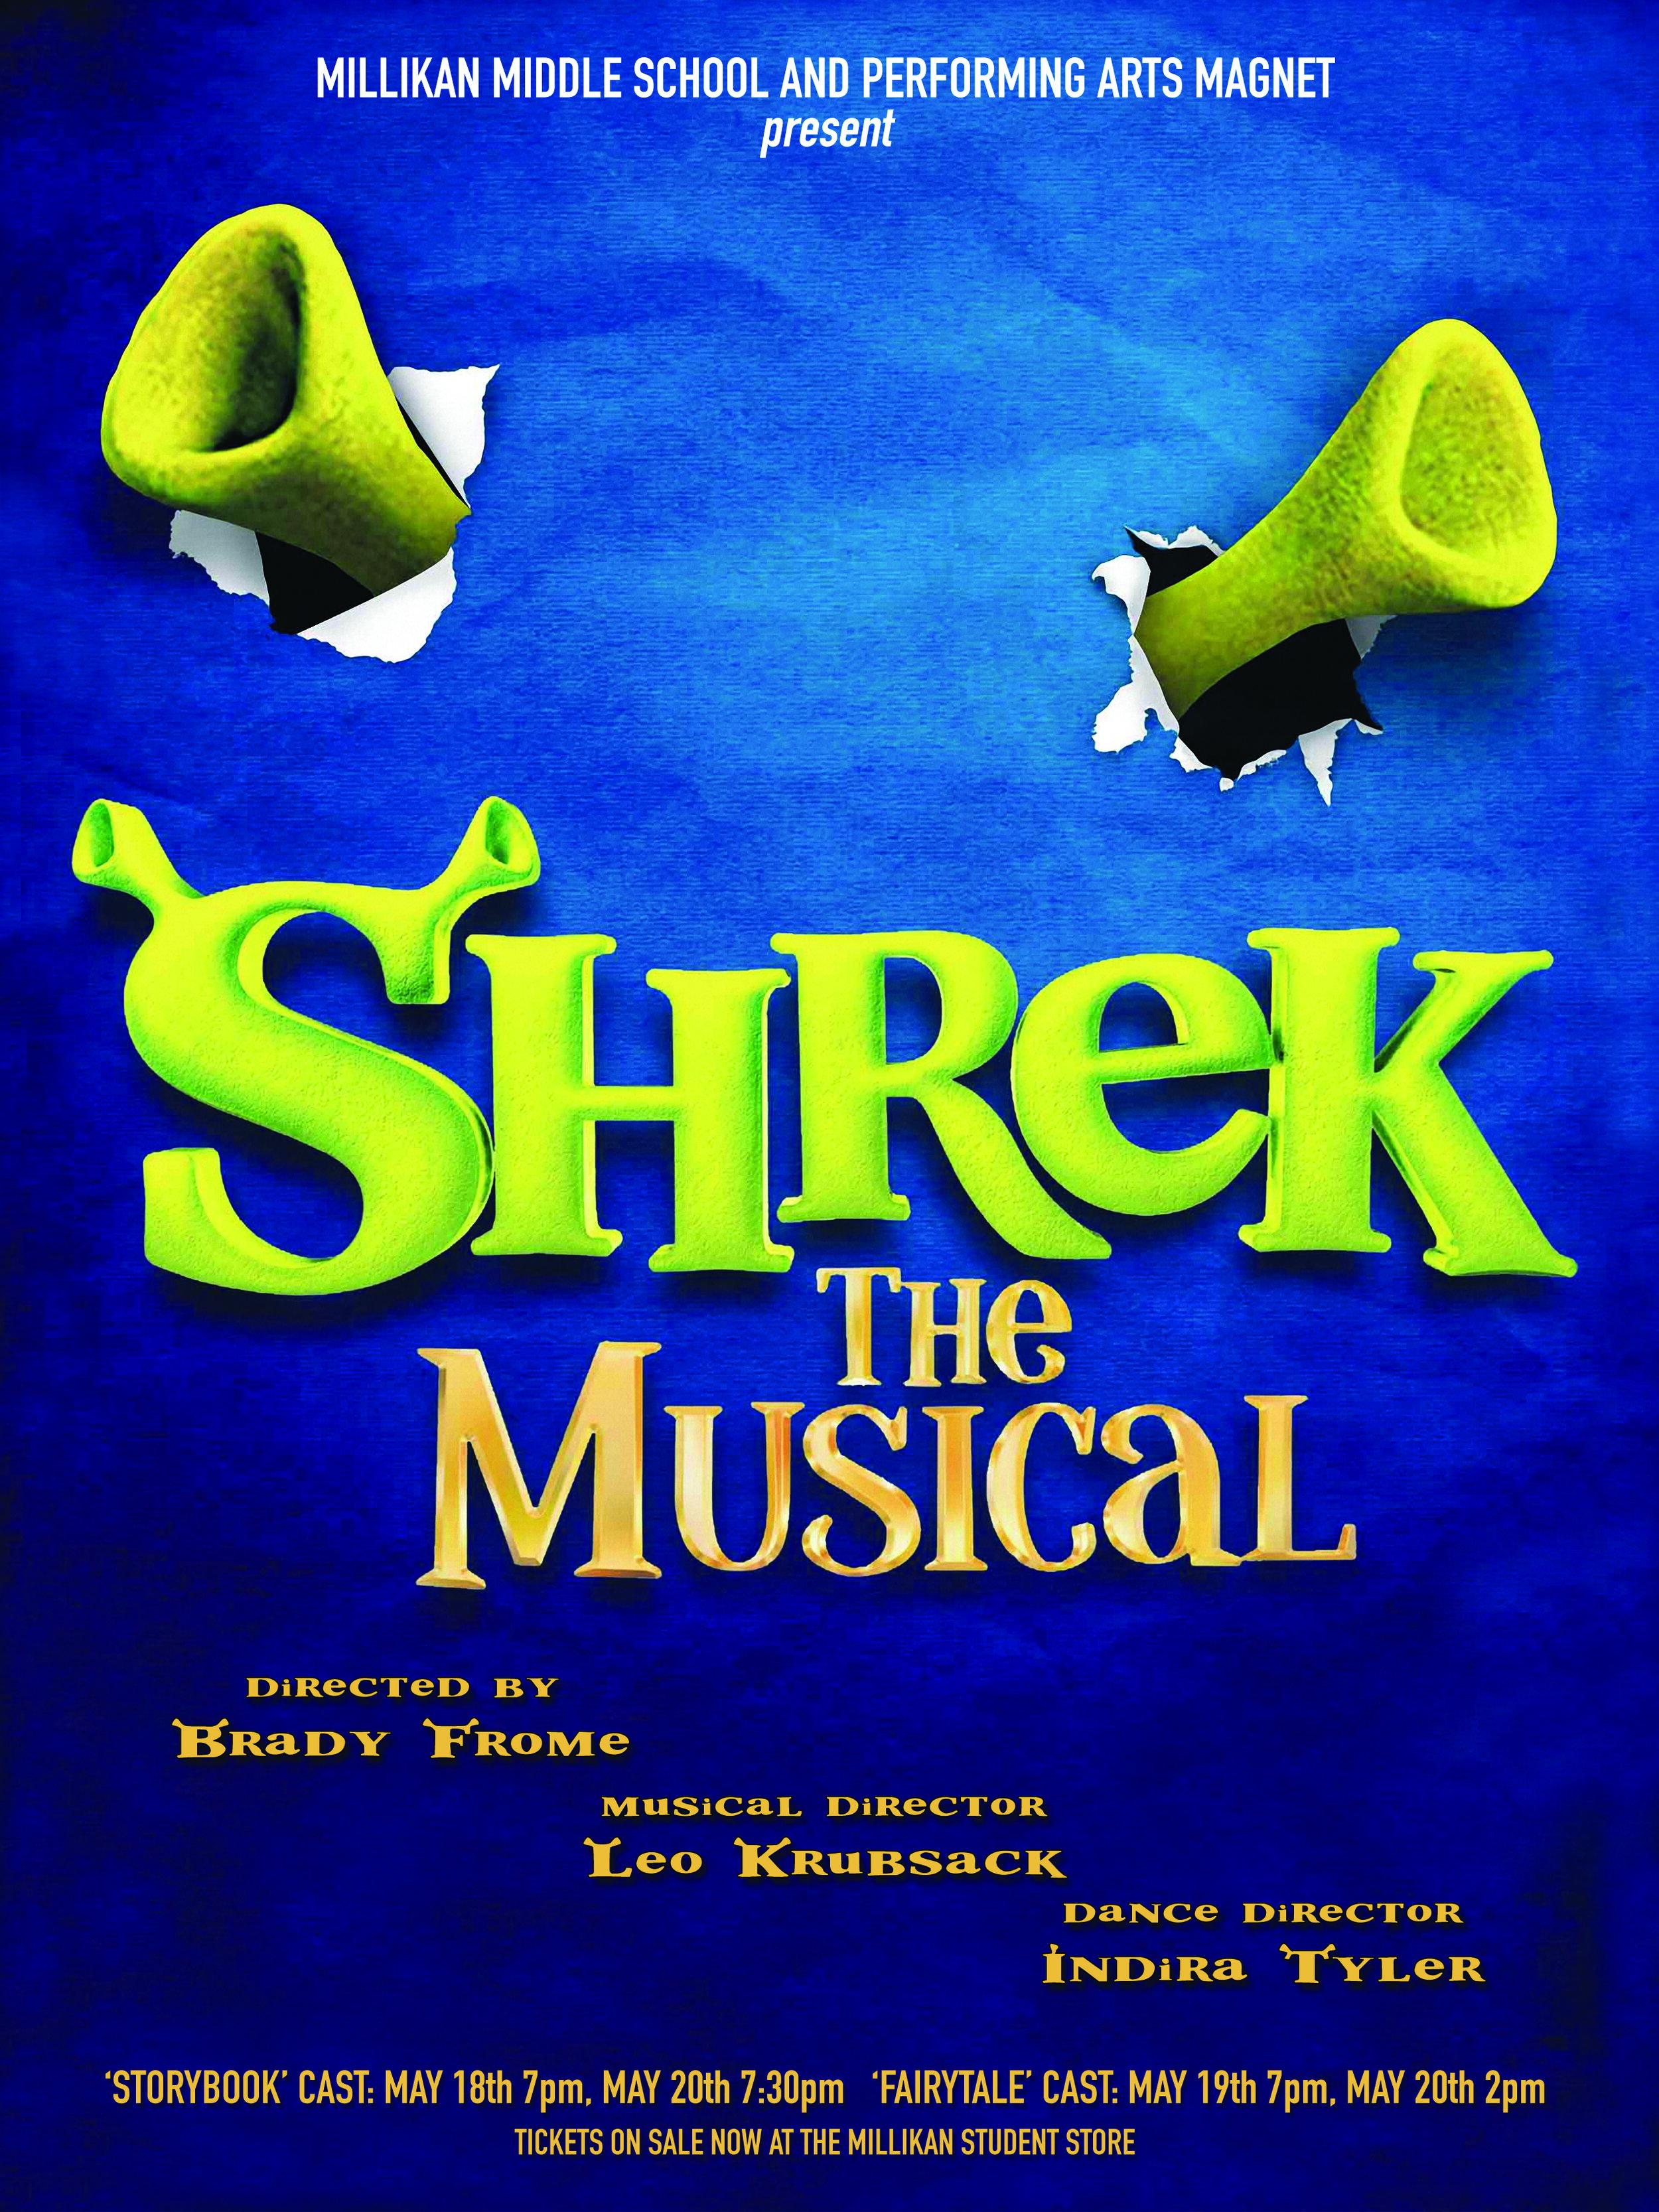 ShrekPoster_8.5x11 FINAL copy.jpg